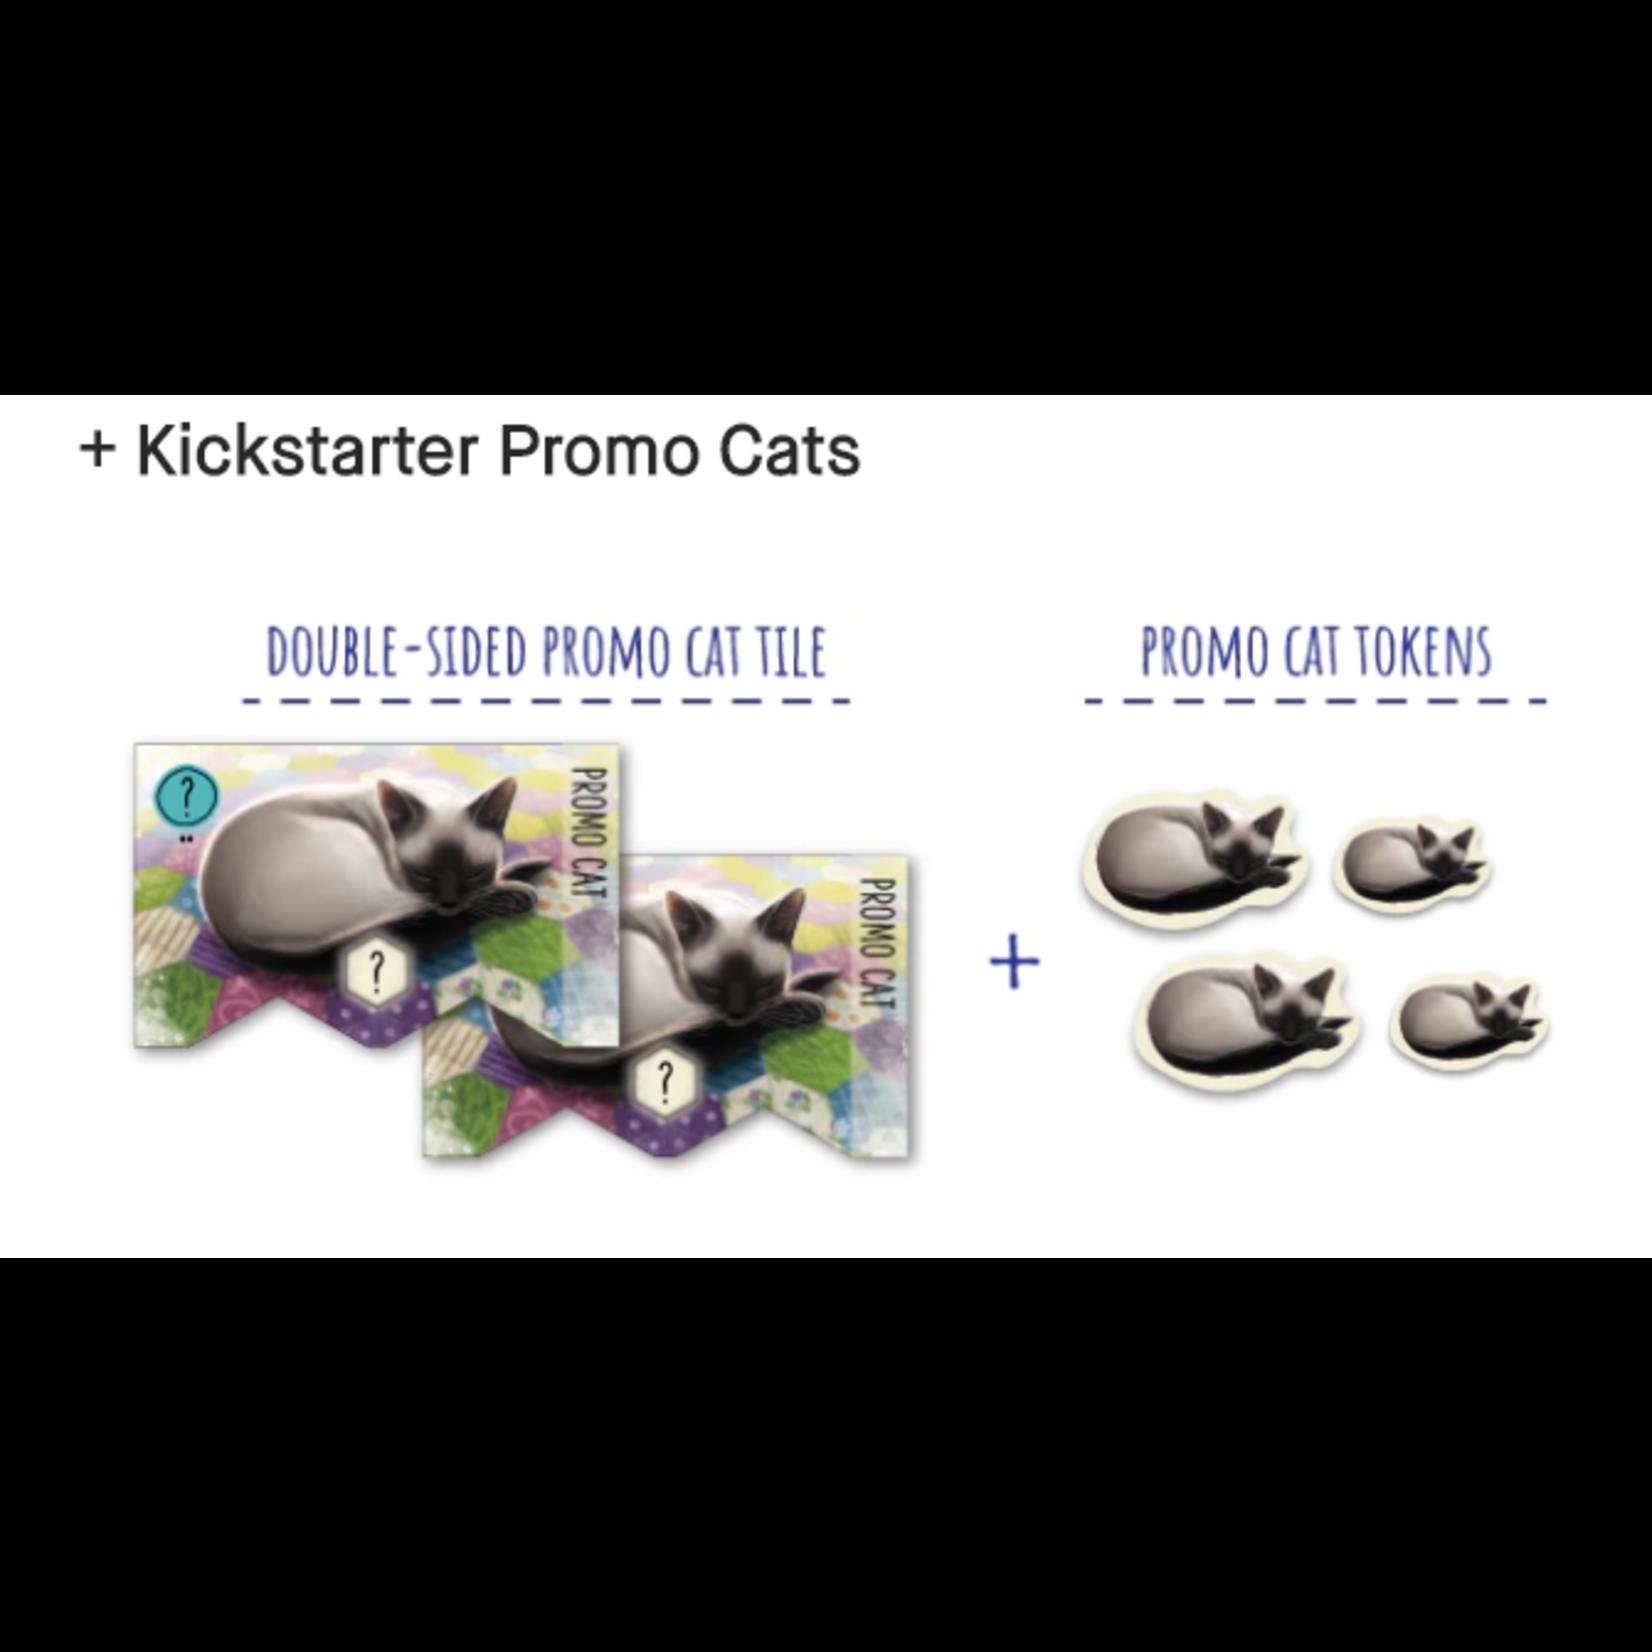 AEG Calico (Kickstarter Edition)